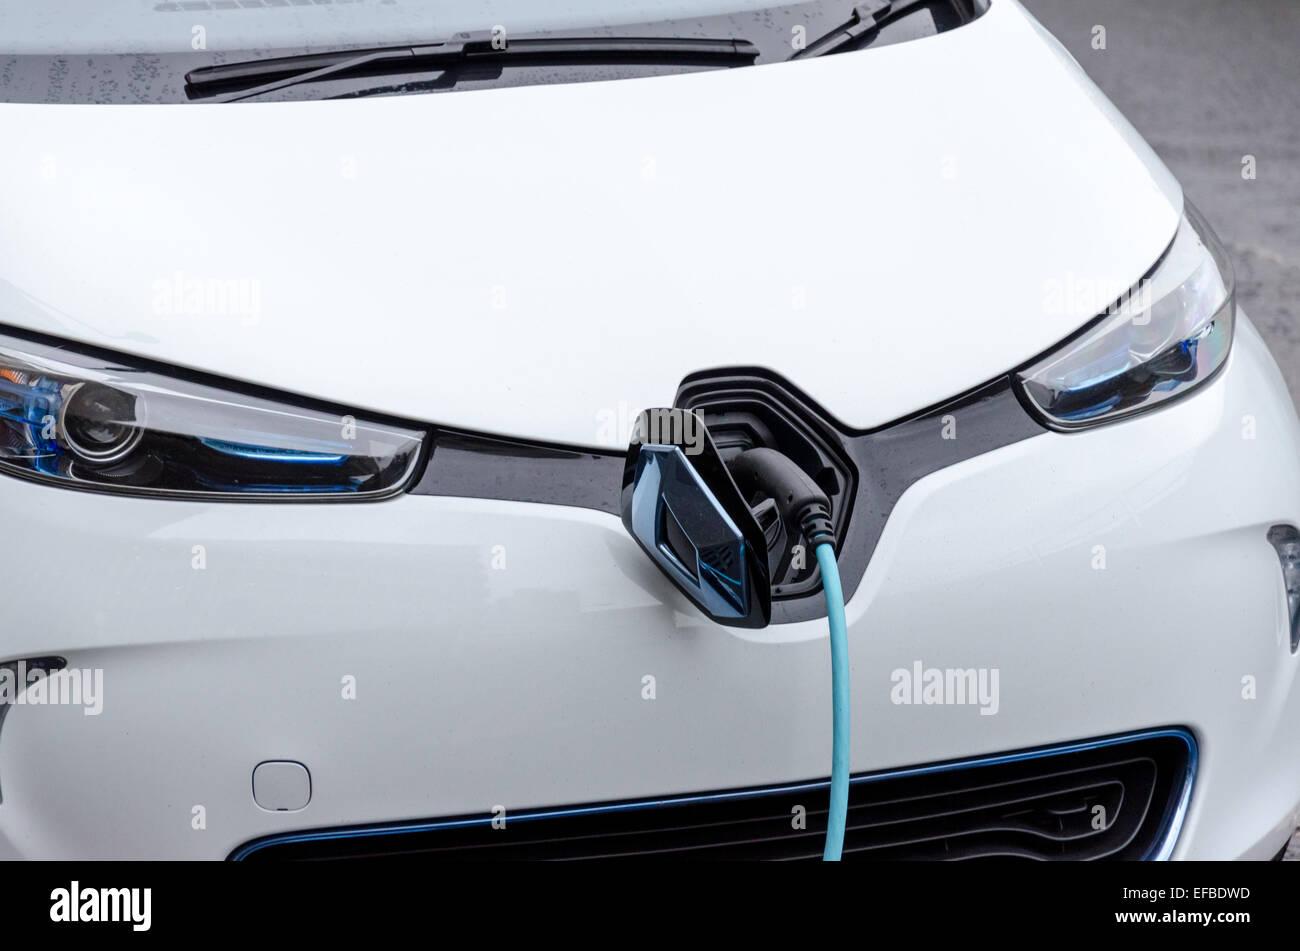 Auto elettrica veicolo elettrico essendo caricato in Shoreditch, Londra Immagini Stock